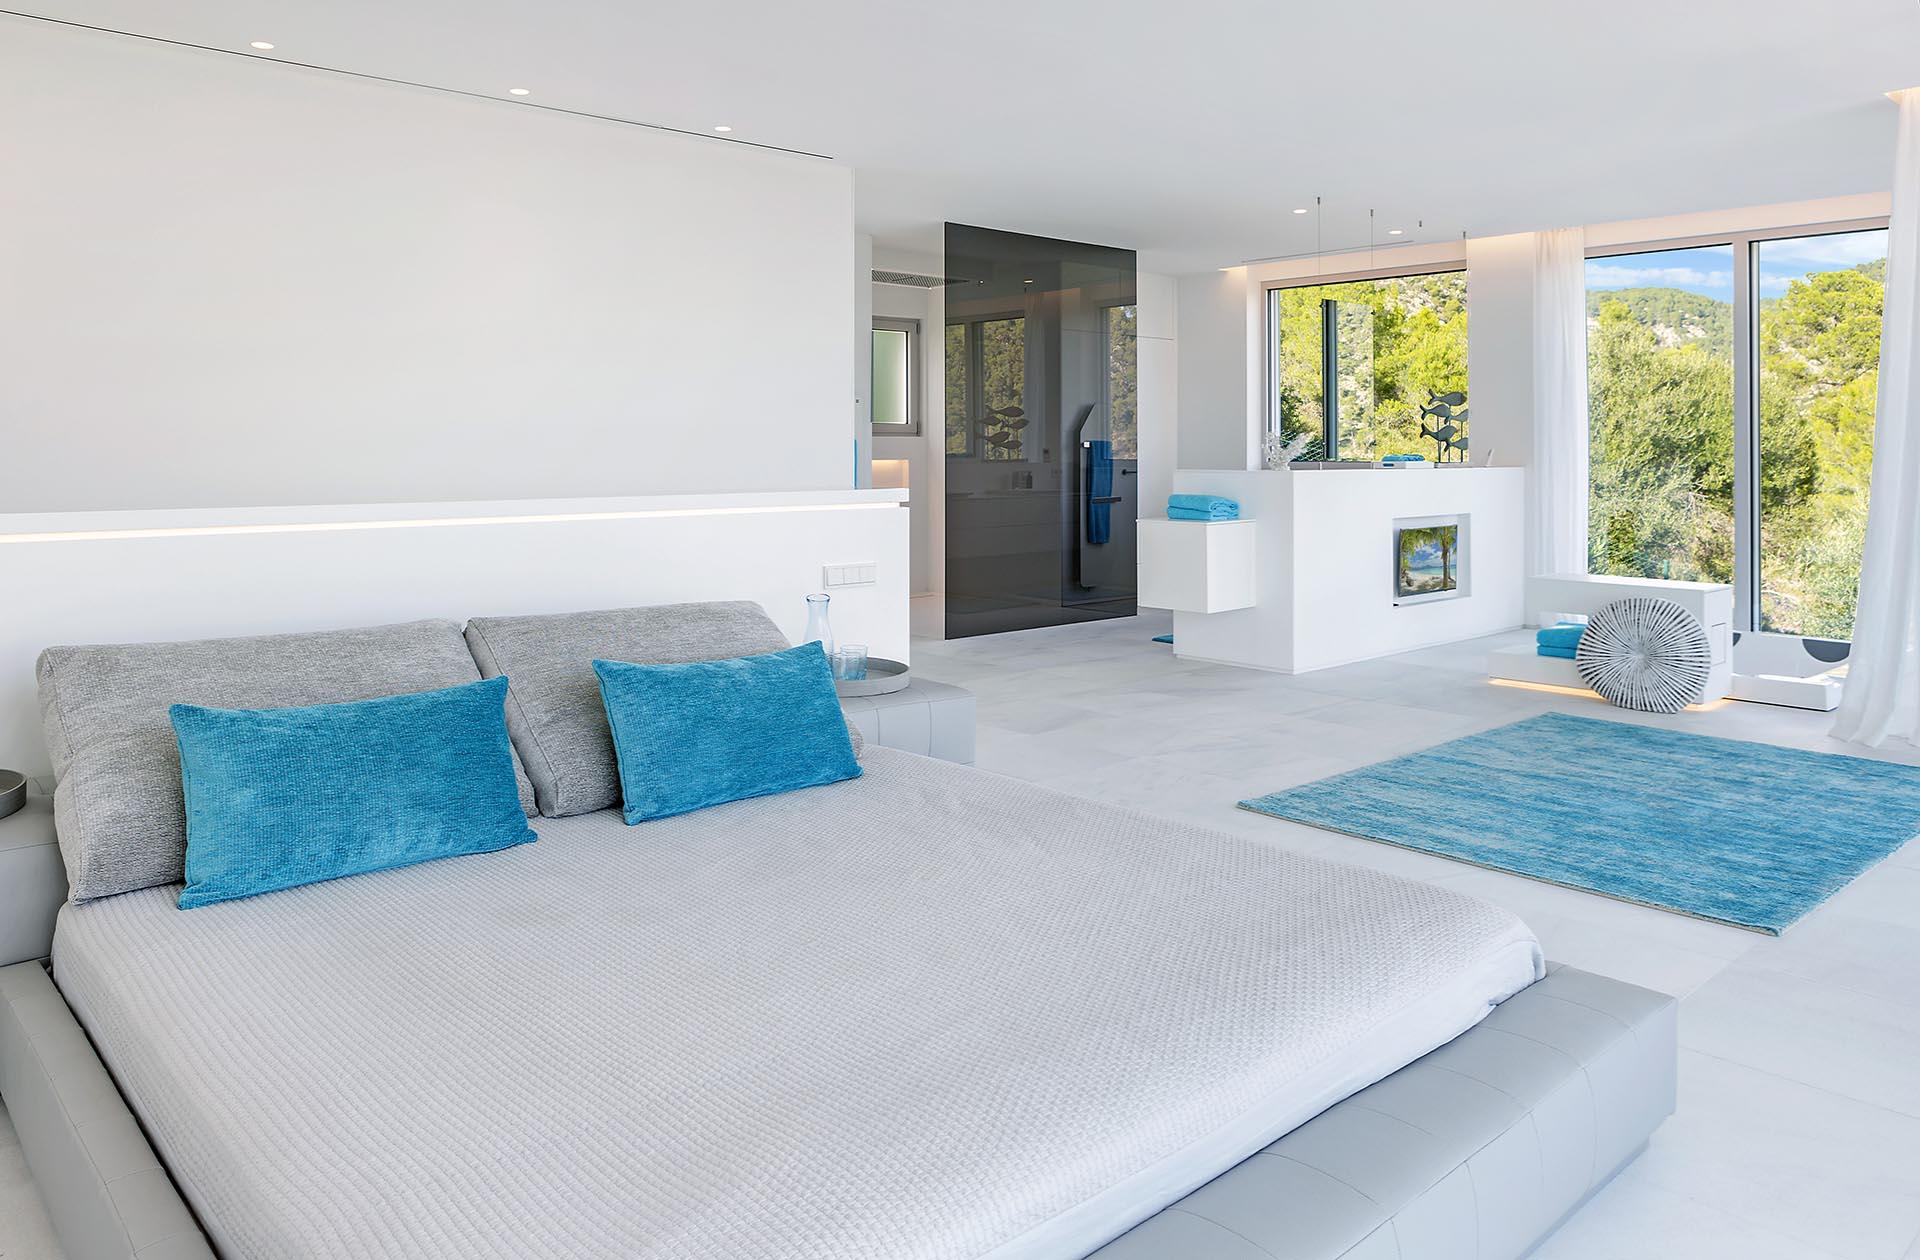 Traumhafte moderne Villa in Costa den Blanes - Modernes Badezimmer